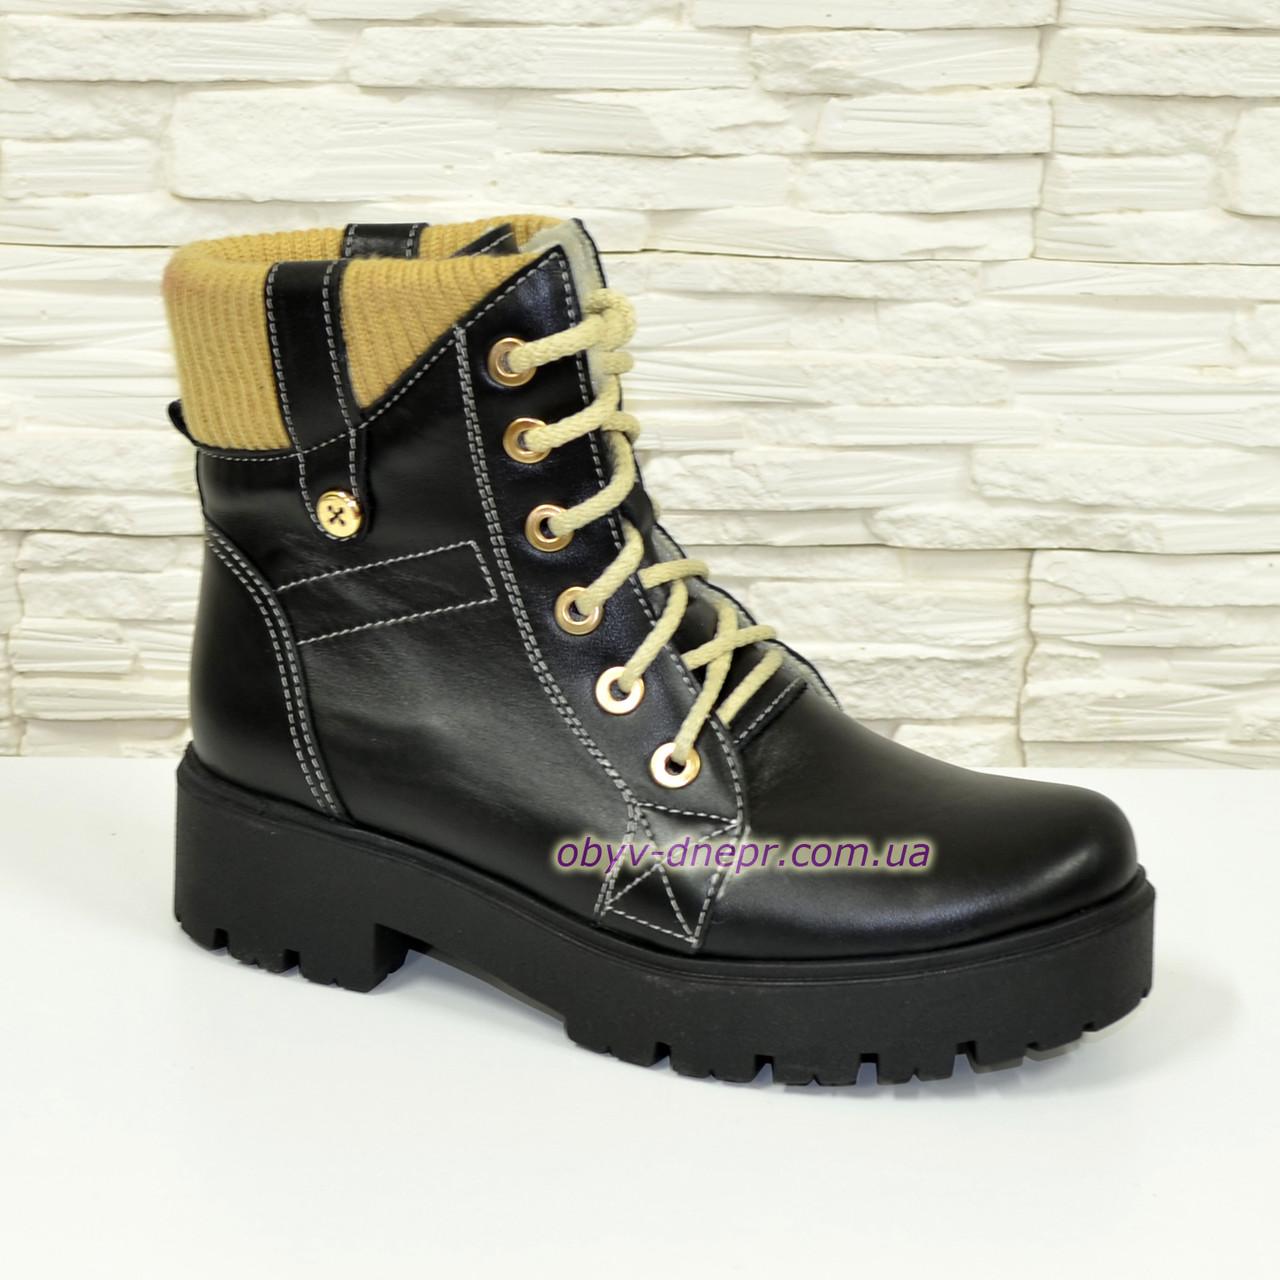 Женские   ботинки на шнуровке, из натуральной черной кожи